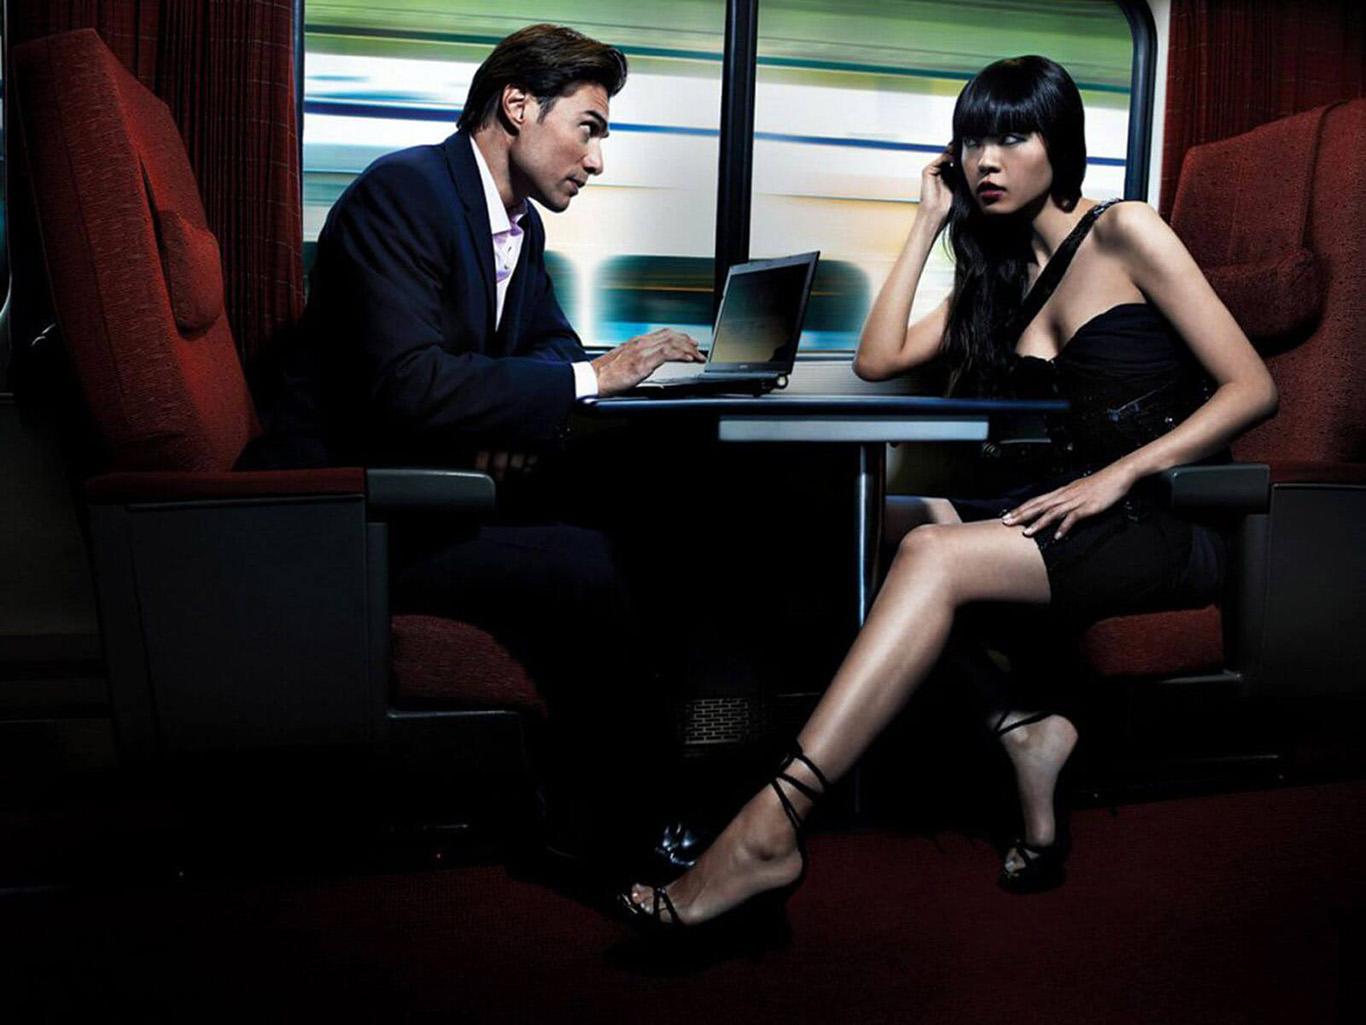 Подруга разговаривает с подчиненными и сидит на лице у подруги под столом.